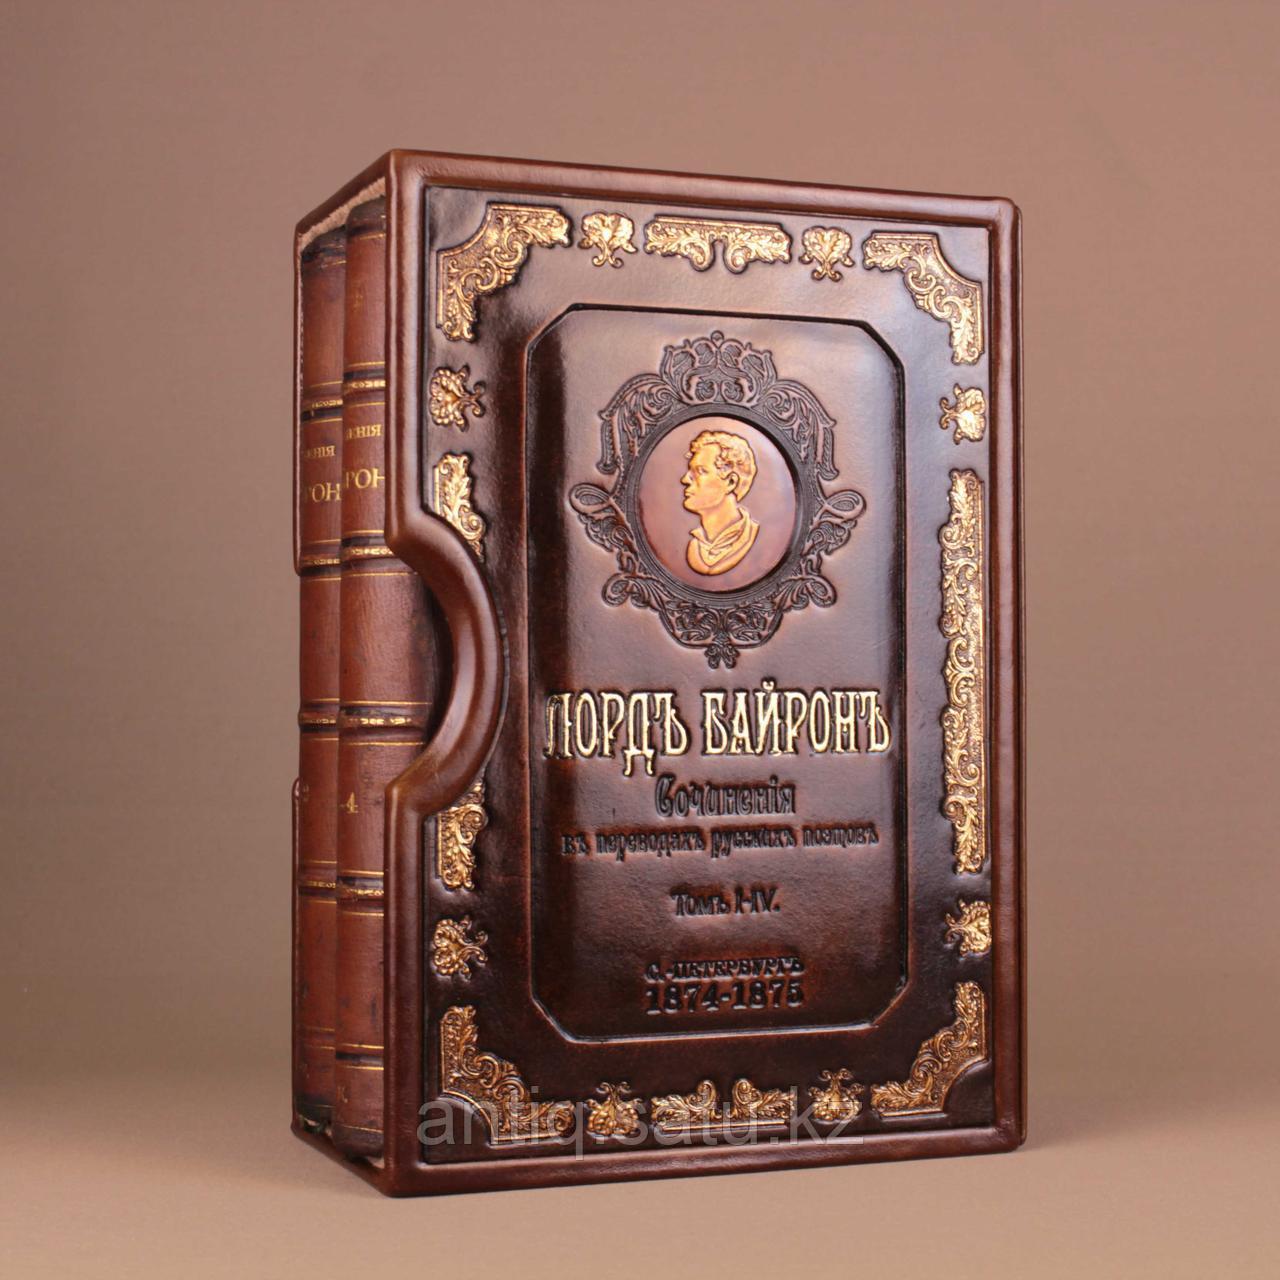 Сочинения Лорда Байрона. 4 тома. В подарочном кейсе - фото 2